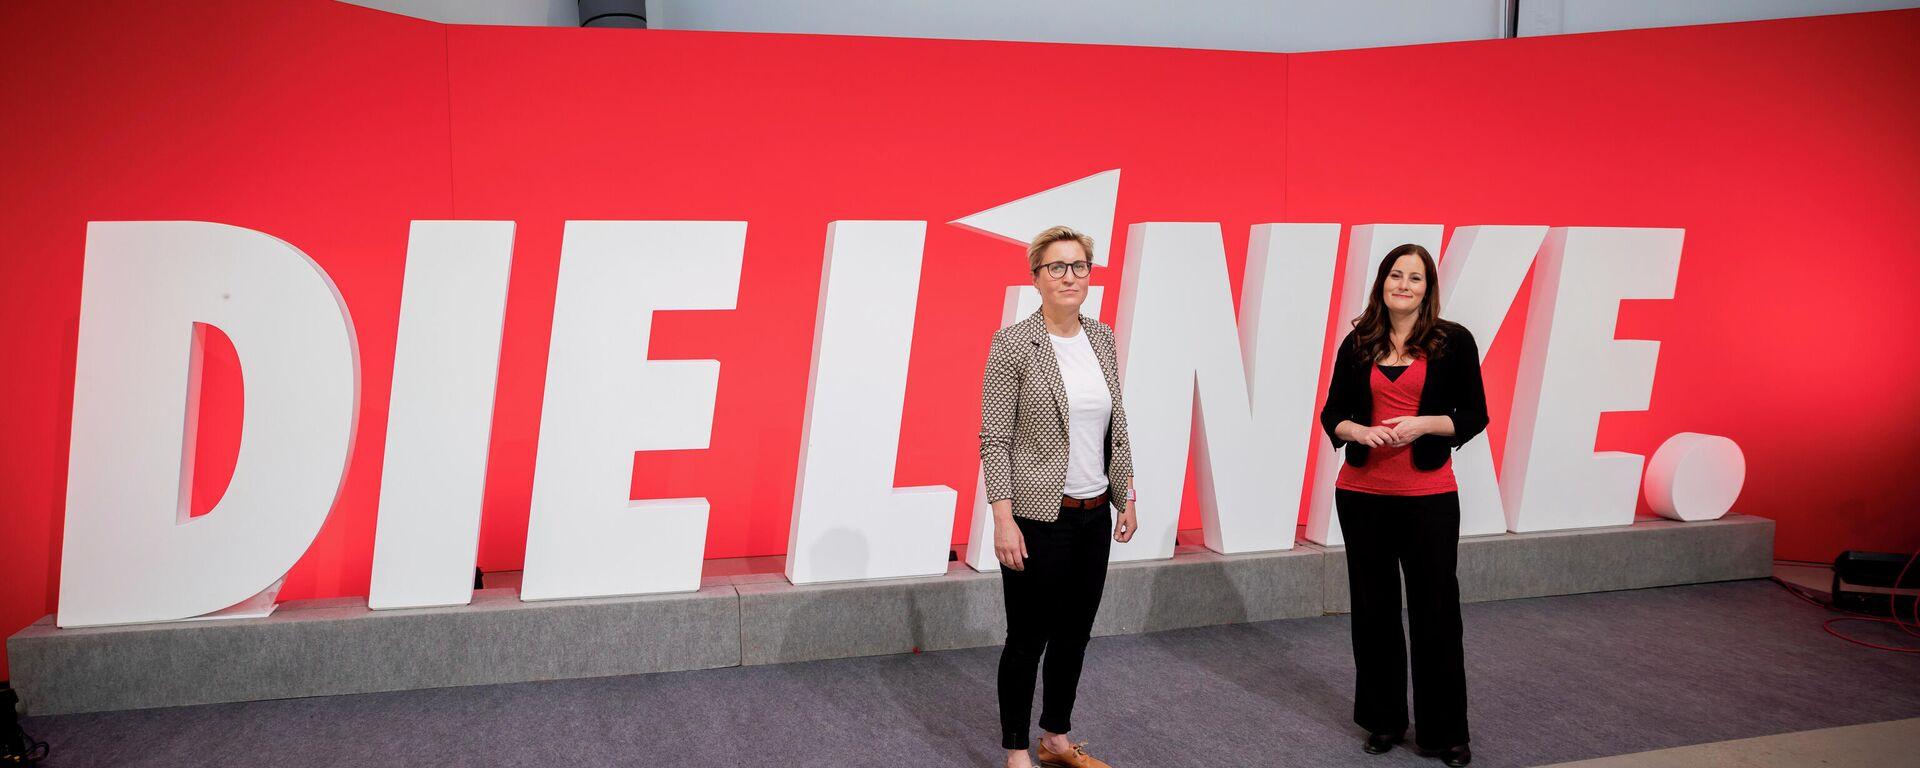 Linken-Spitzenpolitikerinnen Hennig-Wellsow und Wissler posieren vor einem Parteilogo (Symbolbild) - SNA, 1920, 17.07.2021